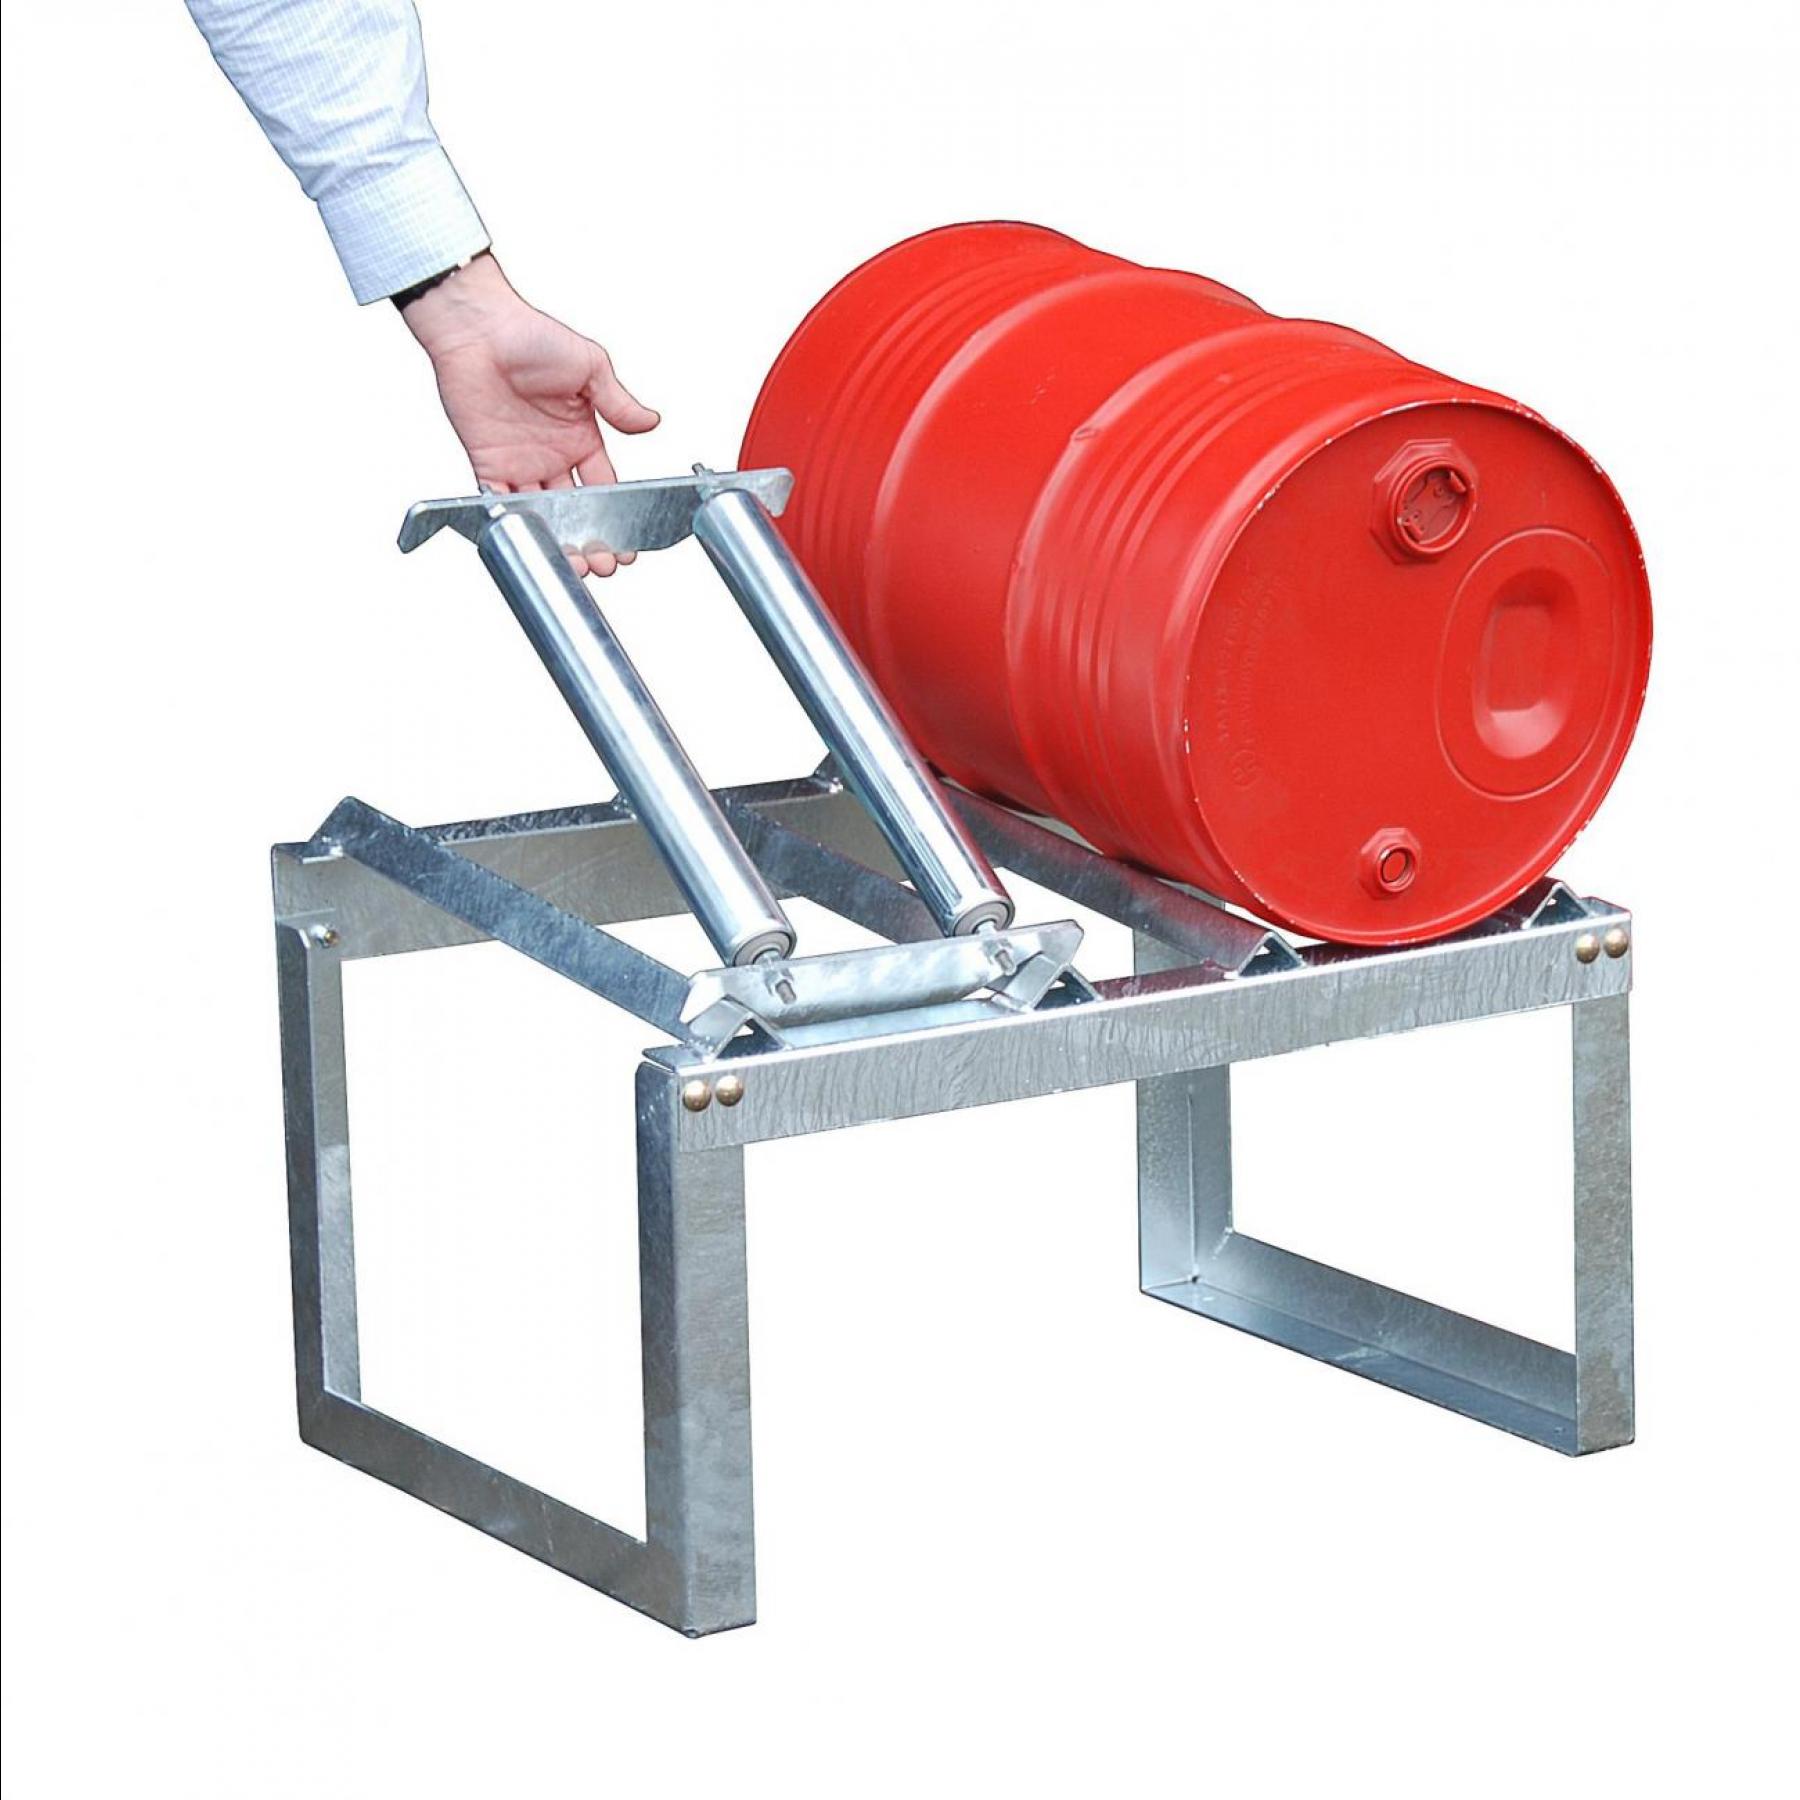 Draaisteun voor vatenrek t.b.v. 1 x 60 liter vat, 70049-RA60